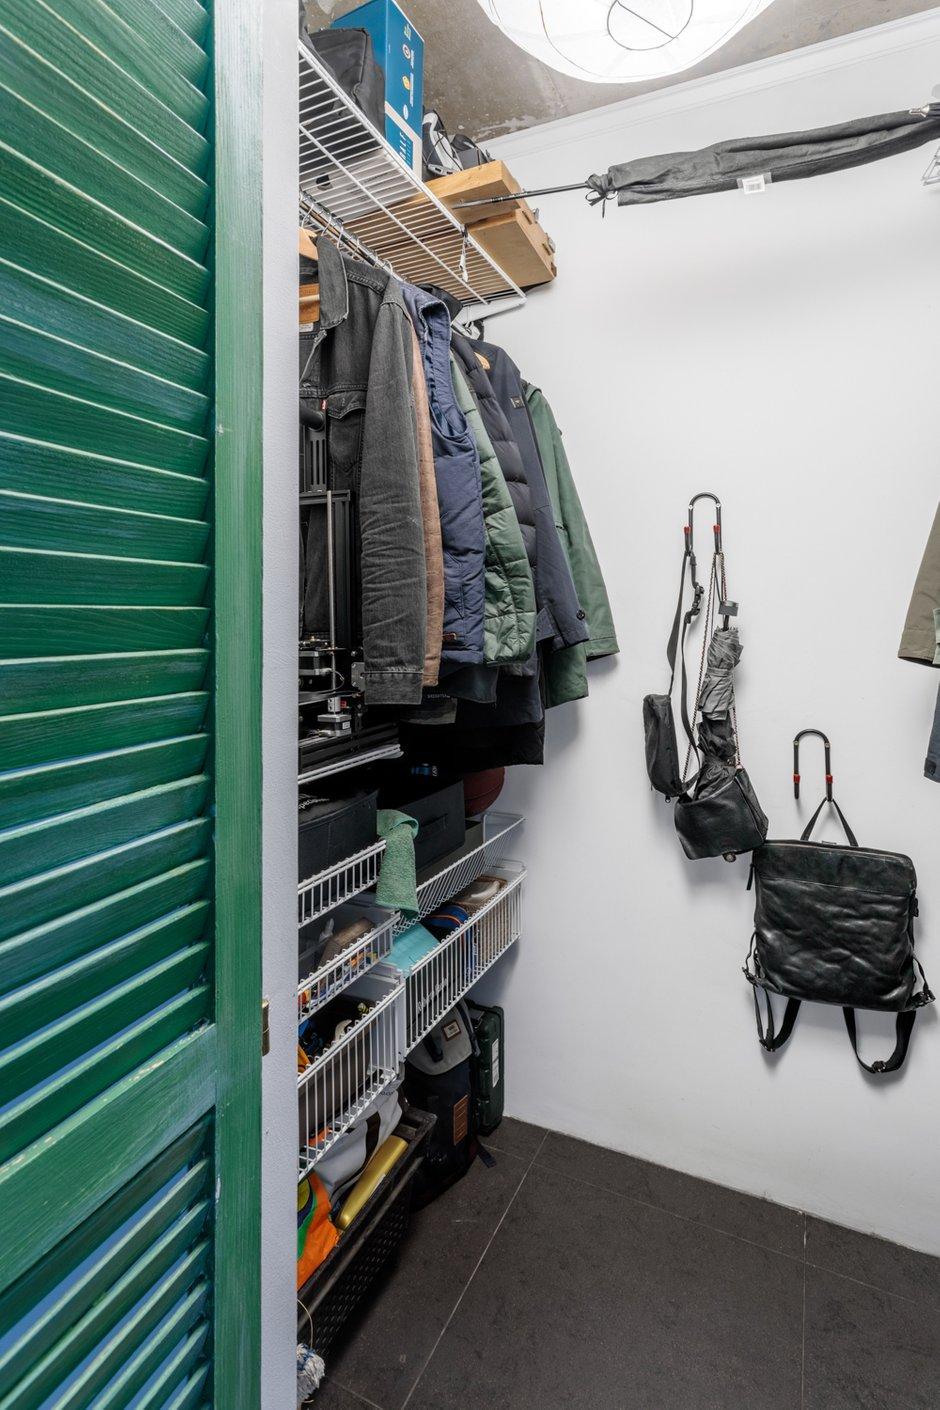 Площадь кладовки-гардеробной – 2,4 квадратного метра. Это основная система хранения в квартире.